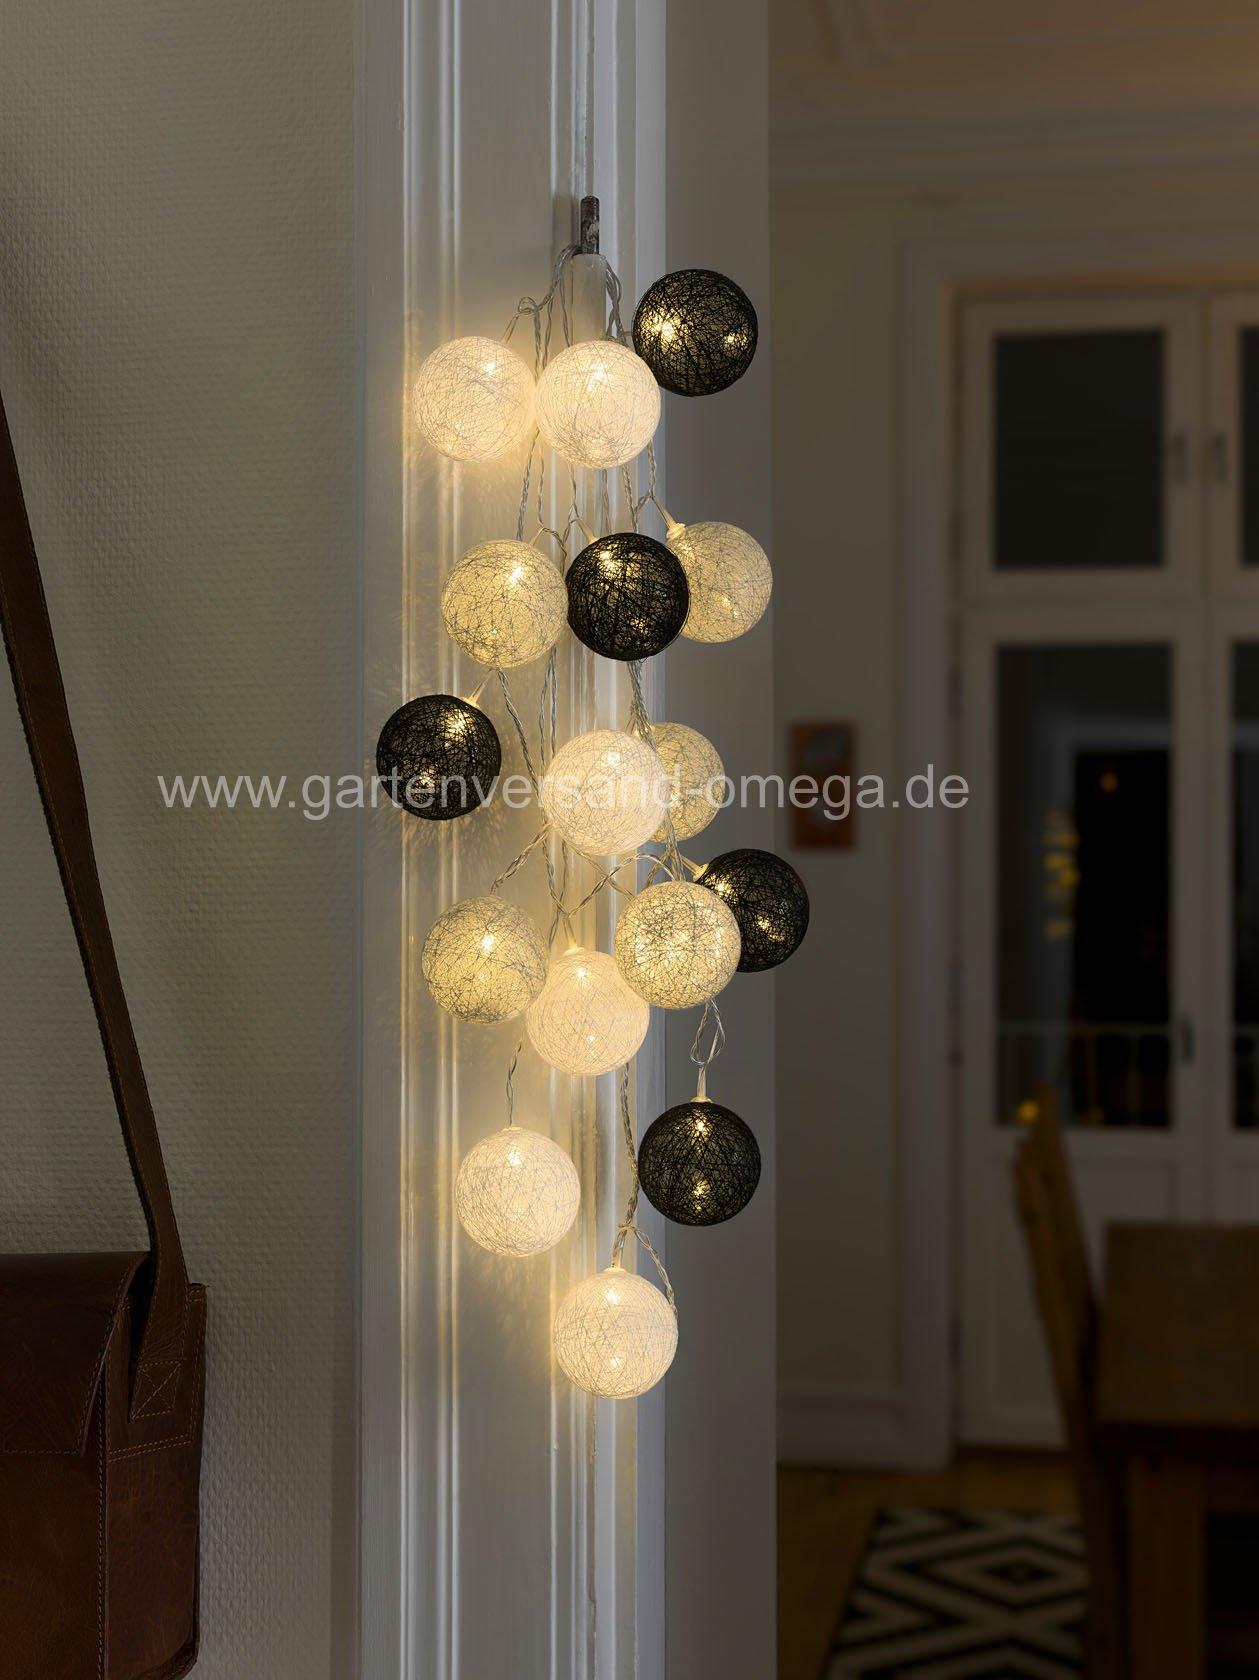 3136-573-led-baumwollkugellichterkette-schwarz-grau-weiss-gross_hd2-large Fabelhafte Künstlicher Weihnachtsbaum Mit Led Dekorationen